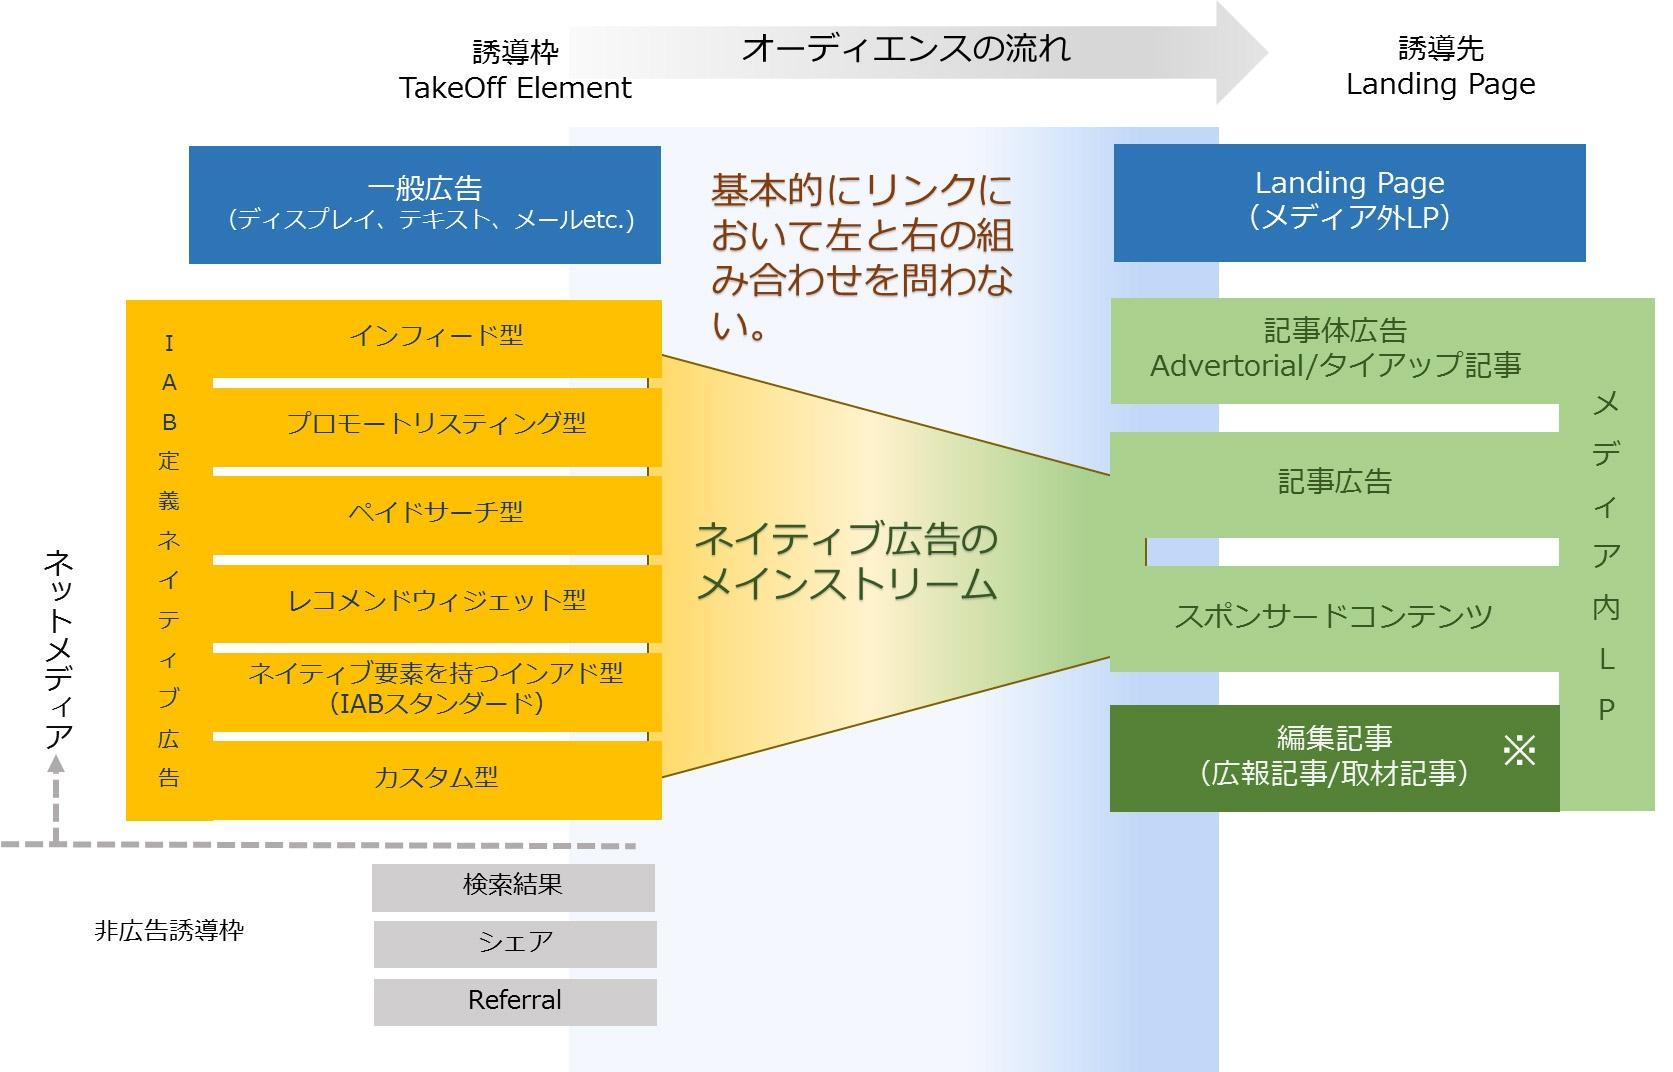 ネット広告画像4